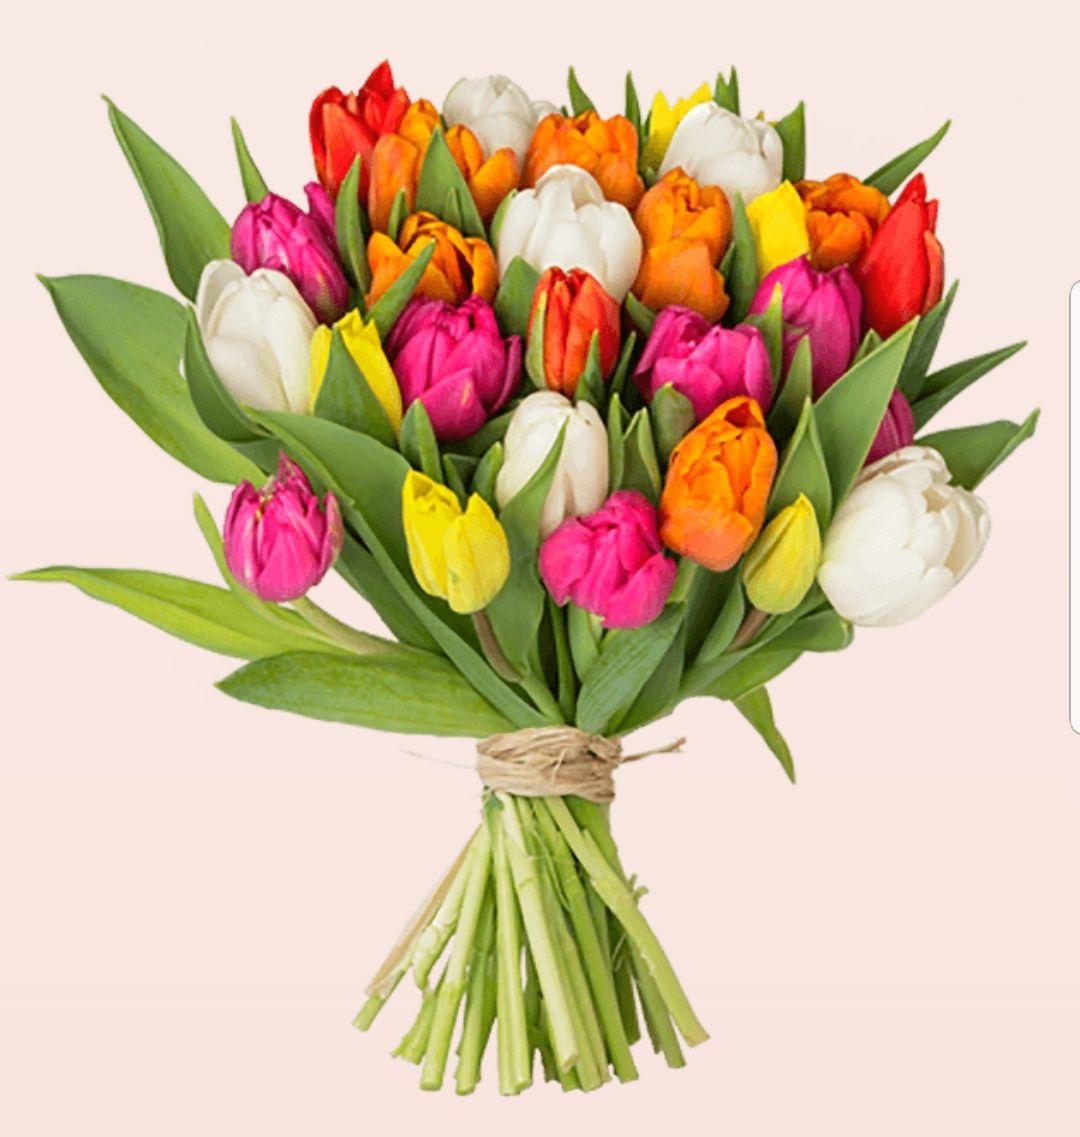 35 bunte Tulpen für 13,99€ zzgl. Versand, kombinierbar mit Shoop